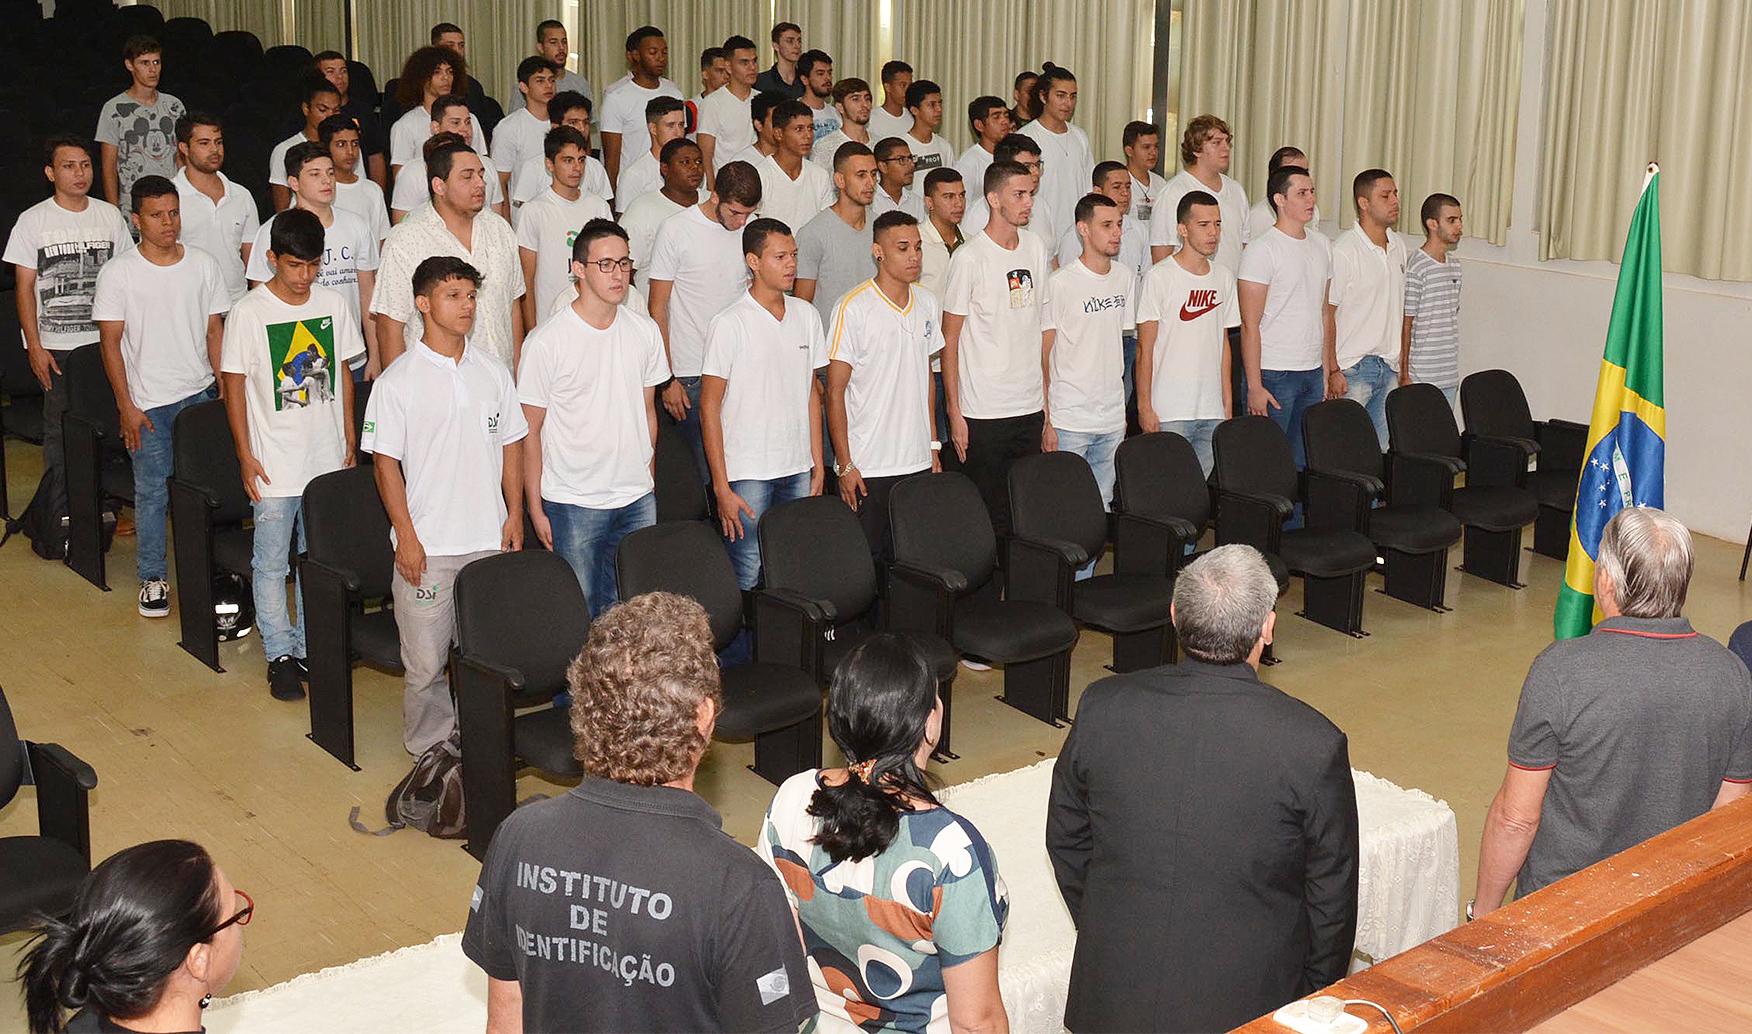 Junta Militar convoca jovens alistados em 2019 para Juramento à Bandeira